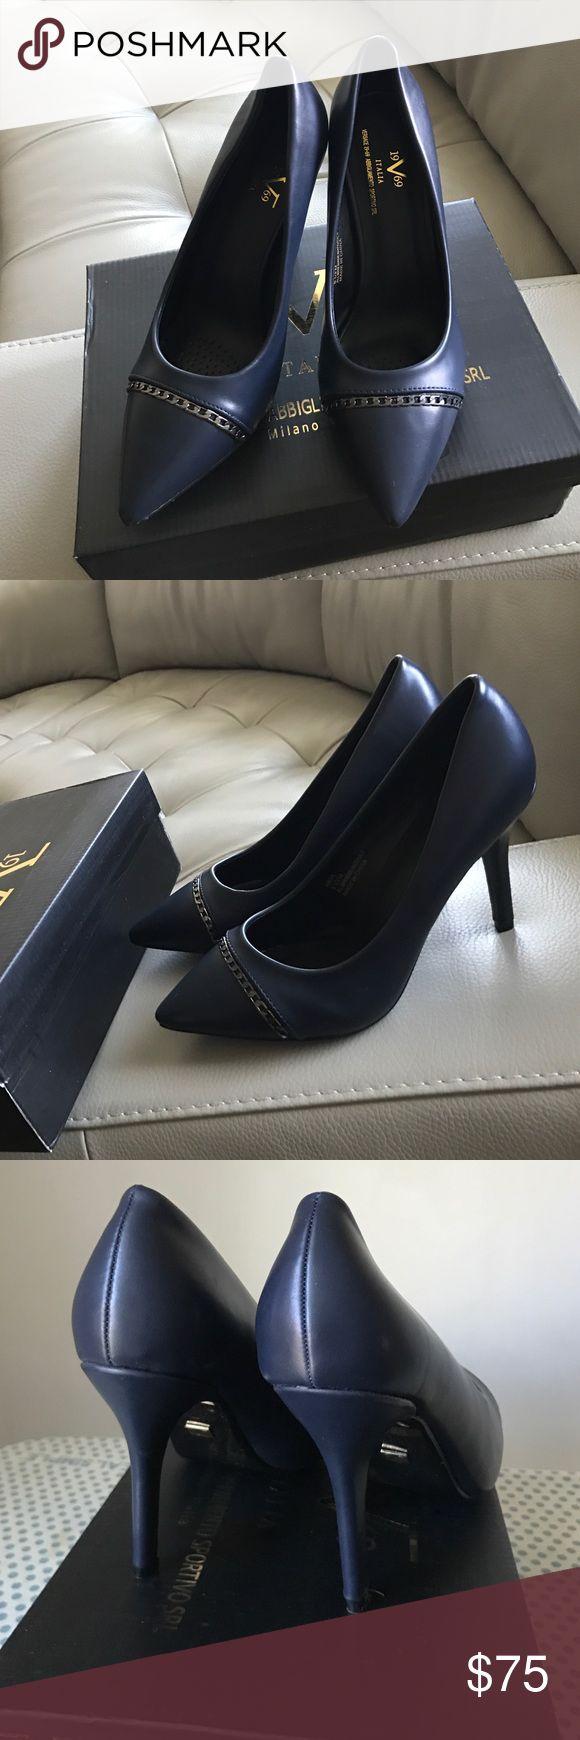 Versace 1969 Abbigliamento SPORTIVO srl shoes❣️❣️ Versace 1969 Abbigliamento SPORTIVO srl shoes❣️❣️navy color😐🍎🙂❣️👠🌸😊💚💙❤️😍💗😘😘🍒💖🍒🍊👏 Versace 1969 Abbigliamento SPORTIVO srl  Shoes Heels